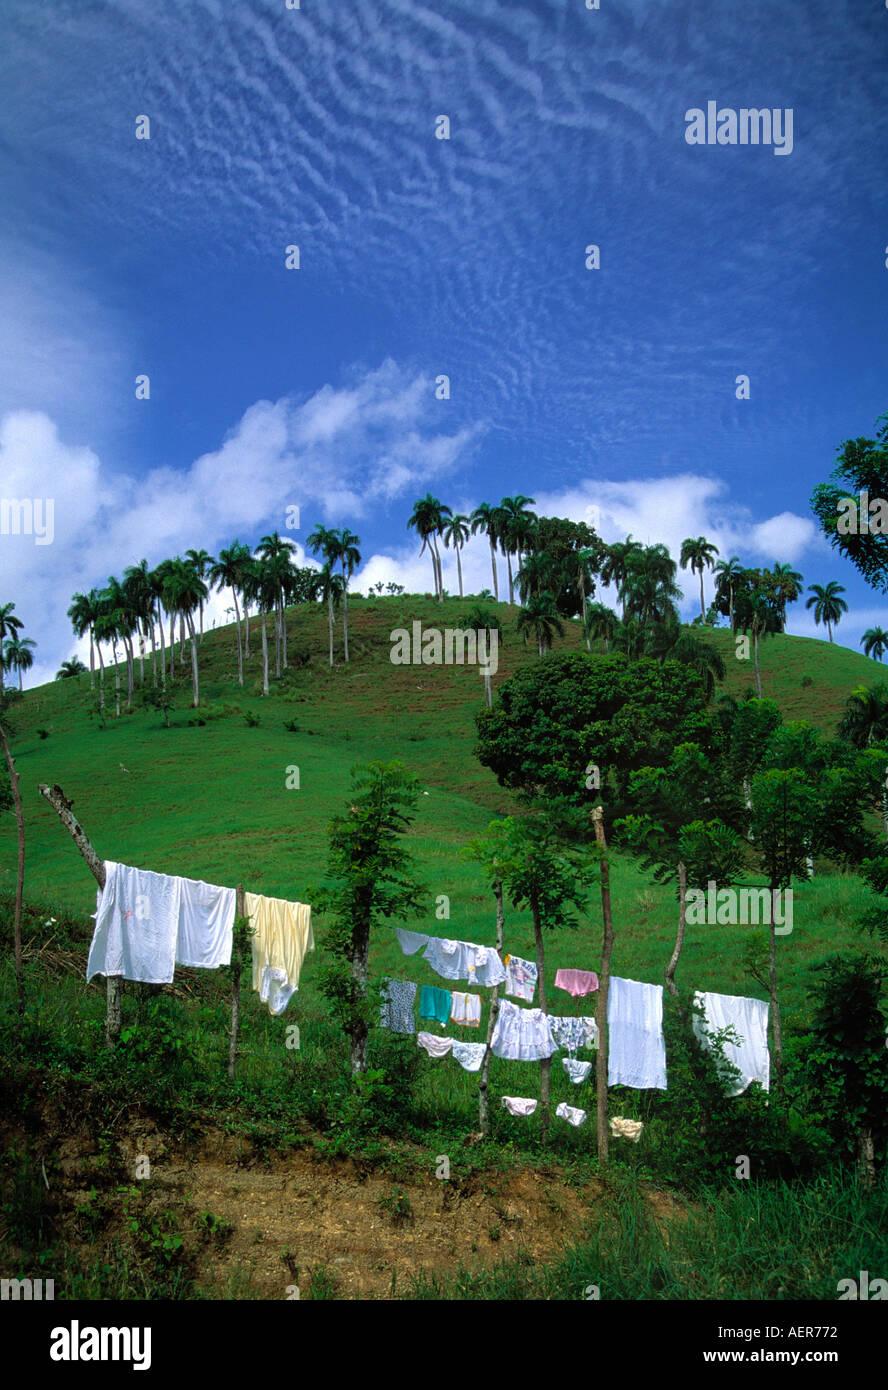 Vêtements sur corde à République dominicaine archipel des Grandes antilles caraïbes Banque D'Images